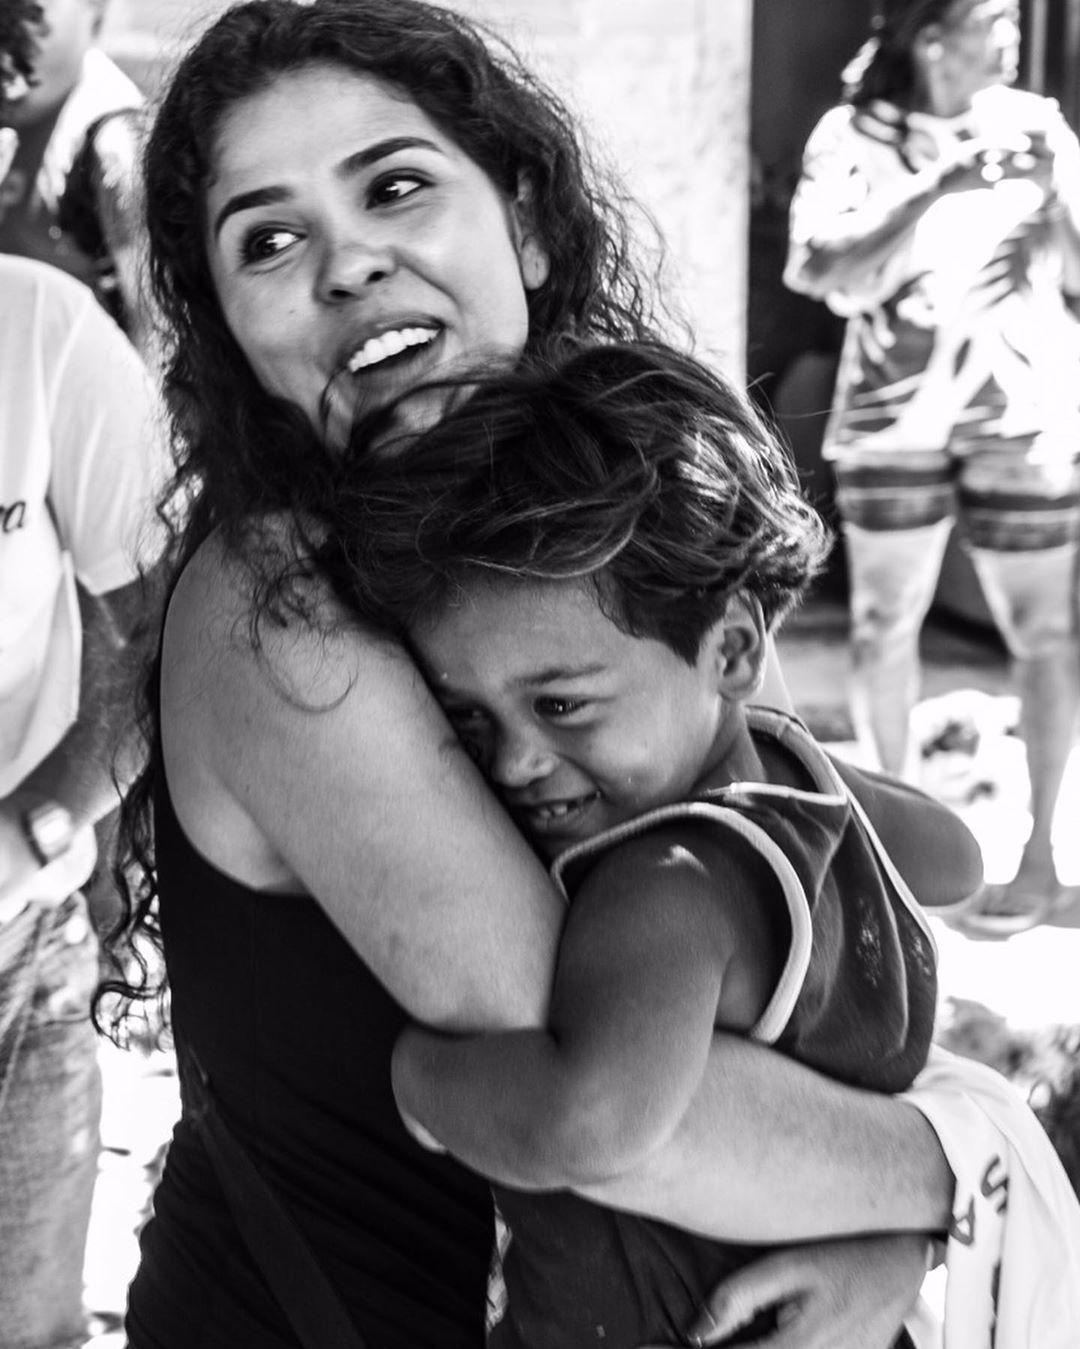 fundadora do projeto A Arte Salva em Jd. Gramacho abraçando uma criança